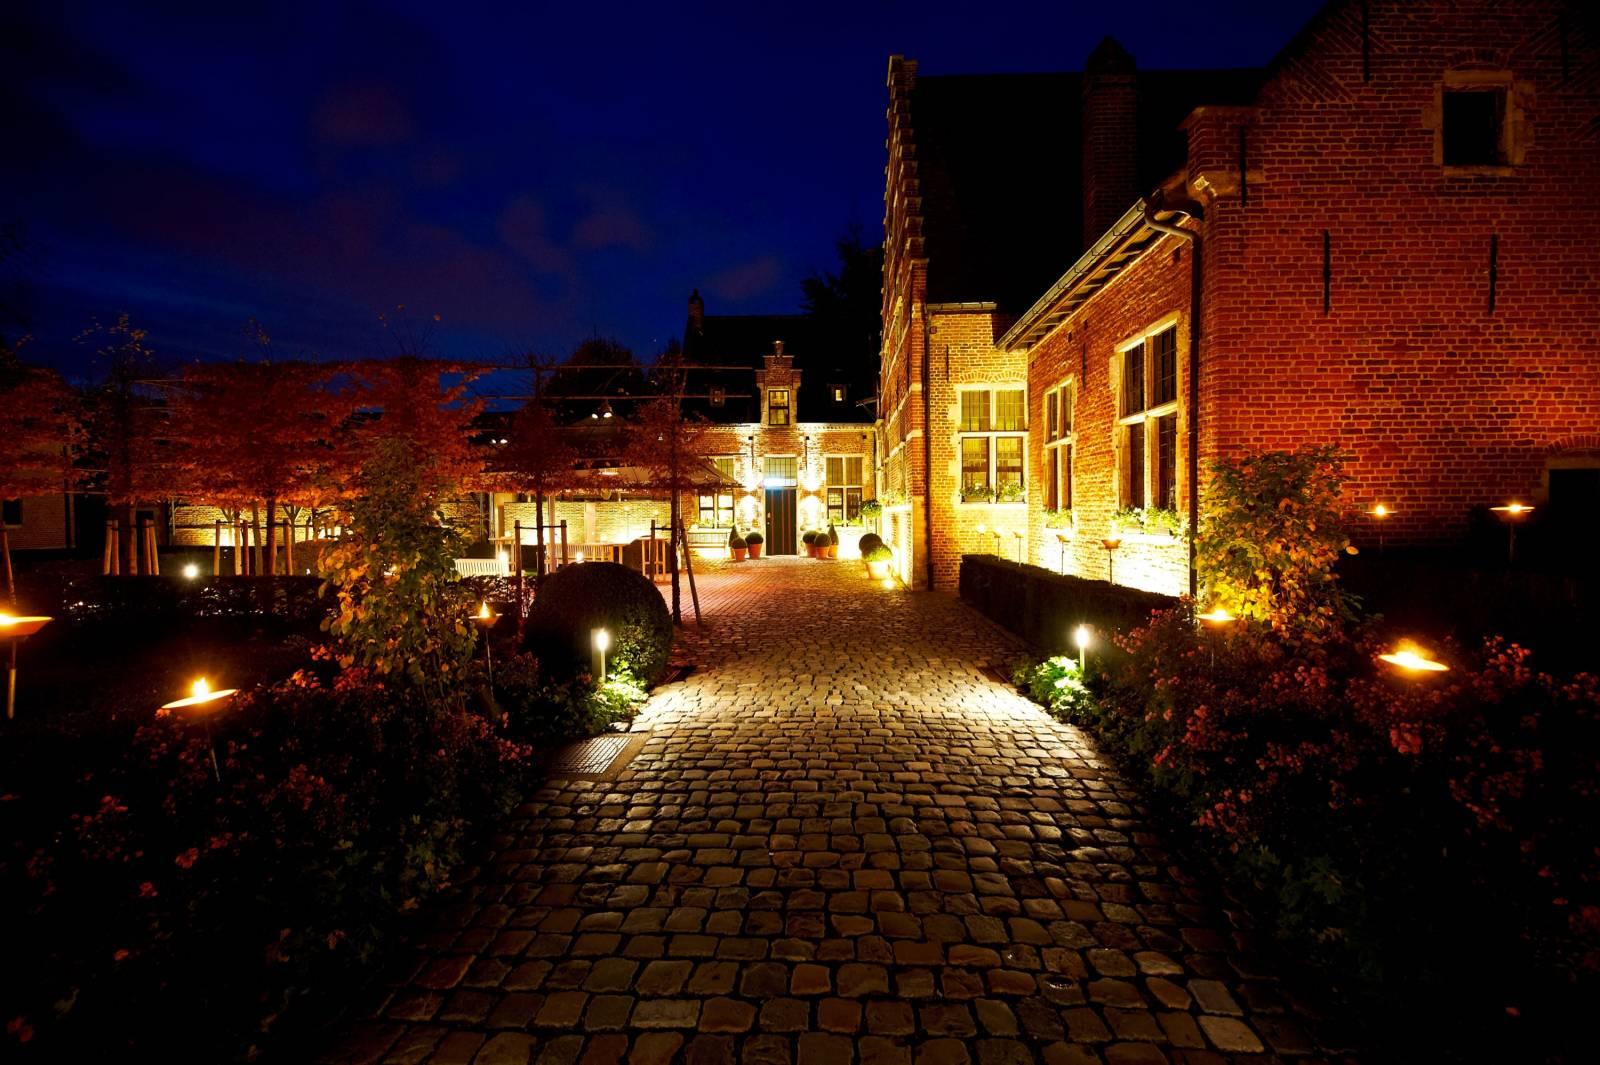 Faculty Club - Feestzaal - Feestlocatie - Rustiek - Historisch - Leuven (Vlaams-Brabant) - House of Events - 82